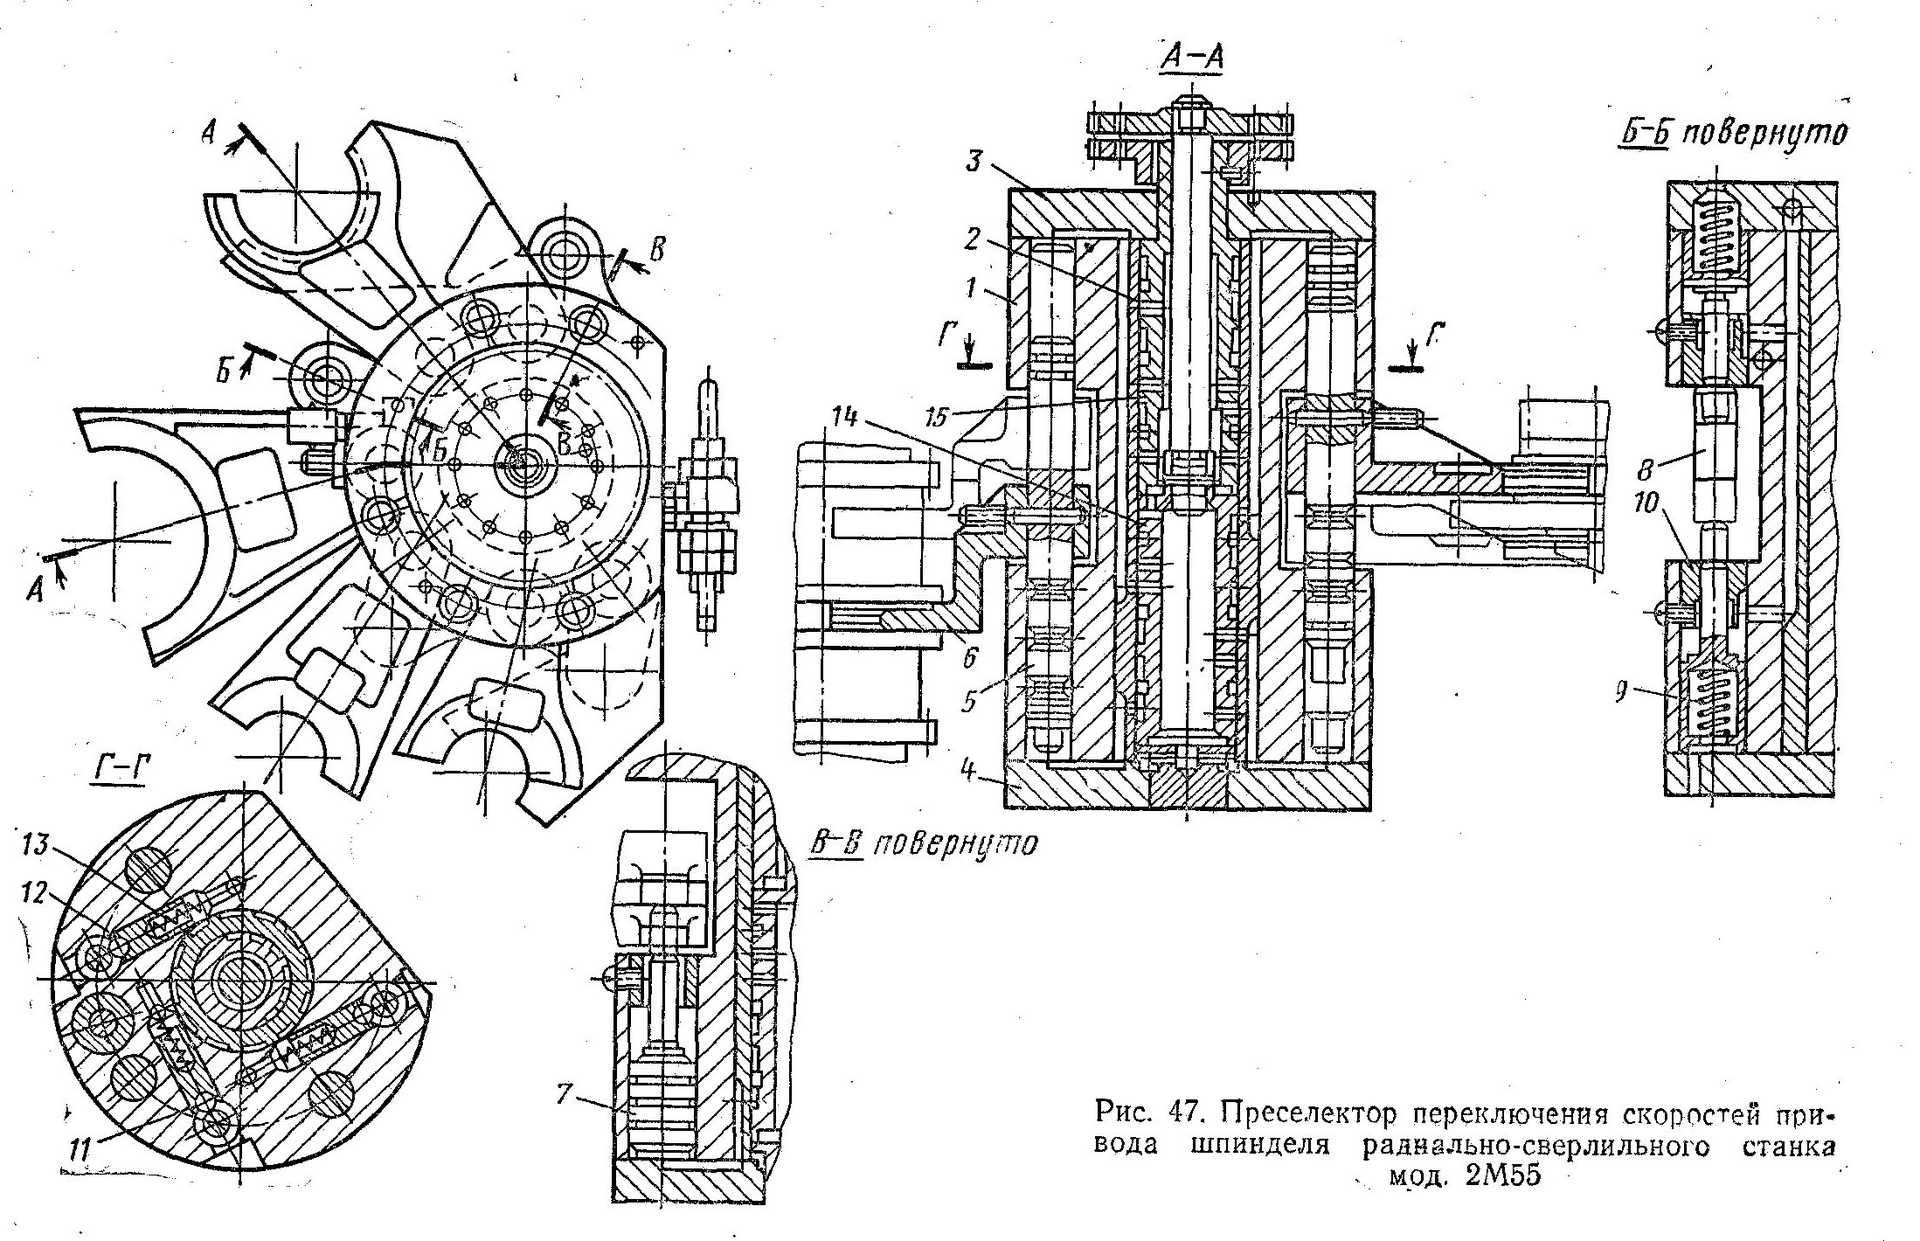 Гидропреселектор 2М55, 2А554 купить